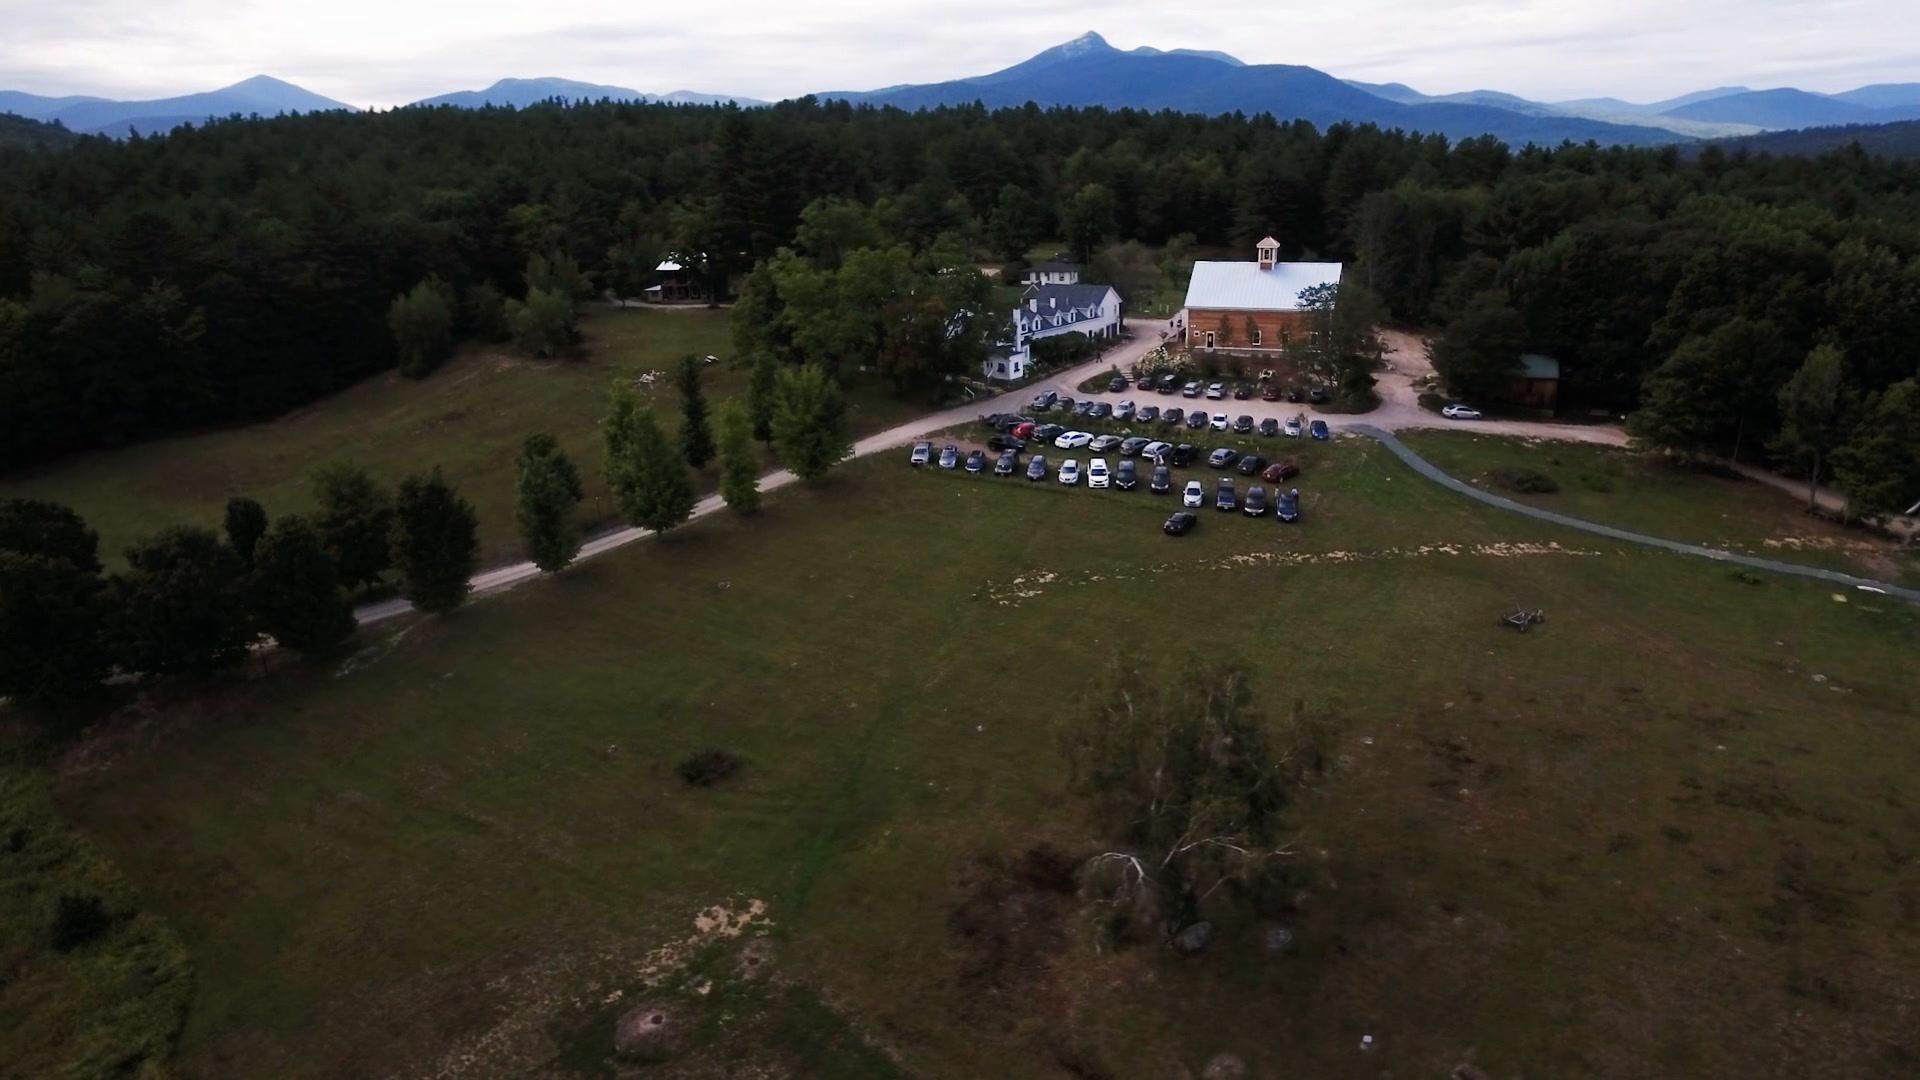 Andrea + Sean | Tamworth, New Hampshire | The Preserve at Chocorua